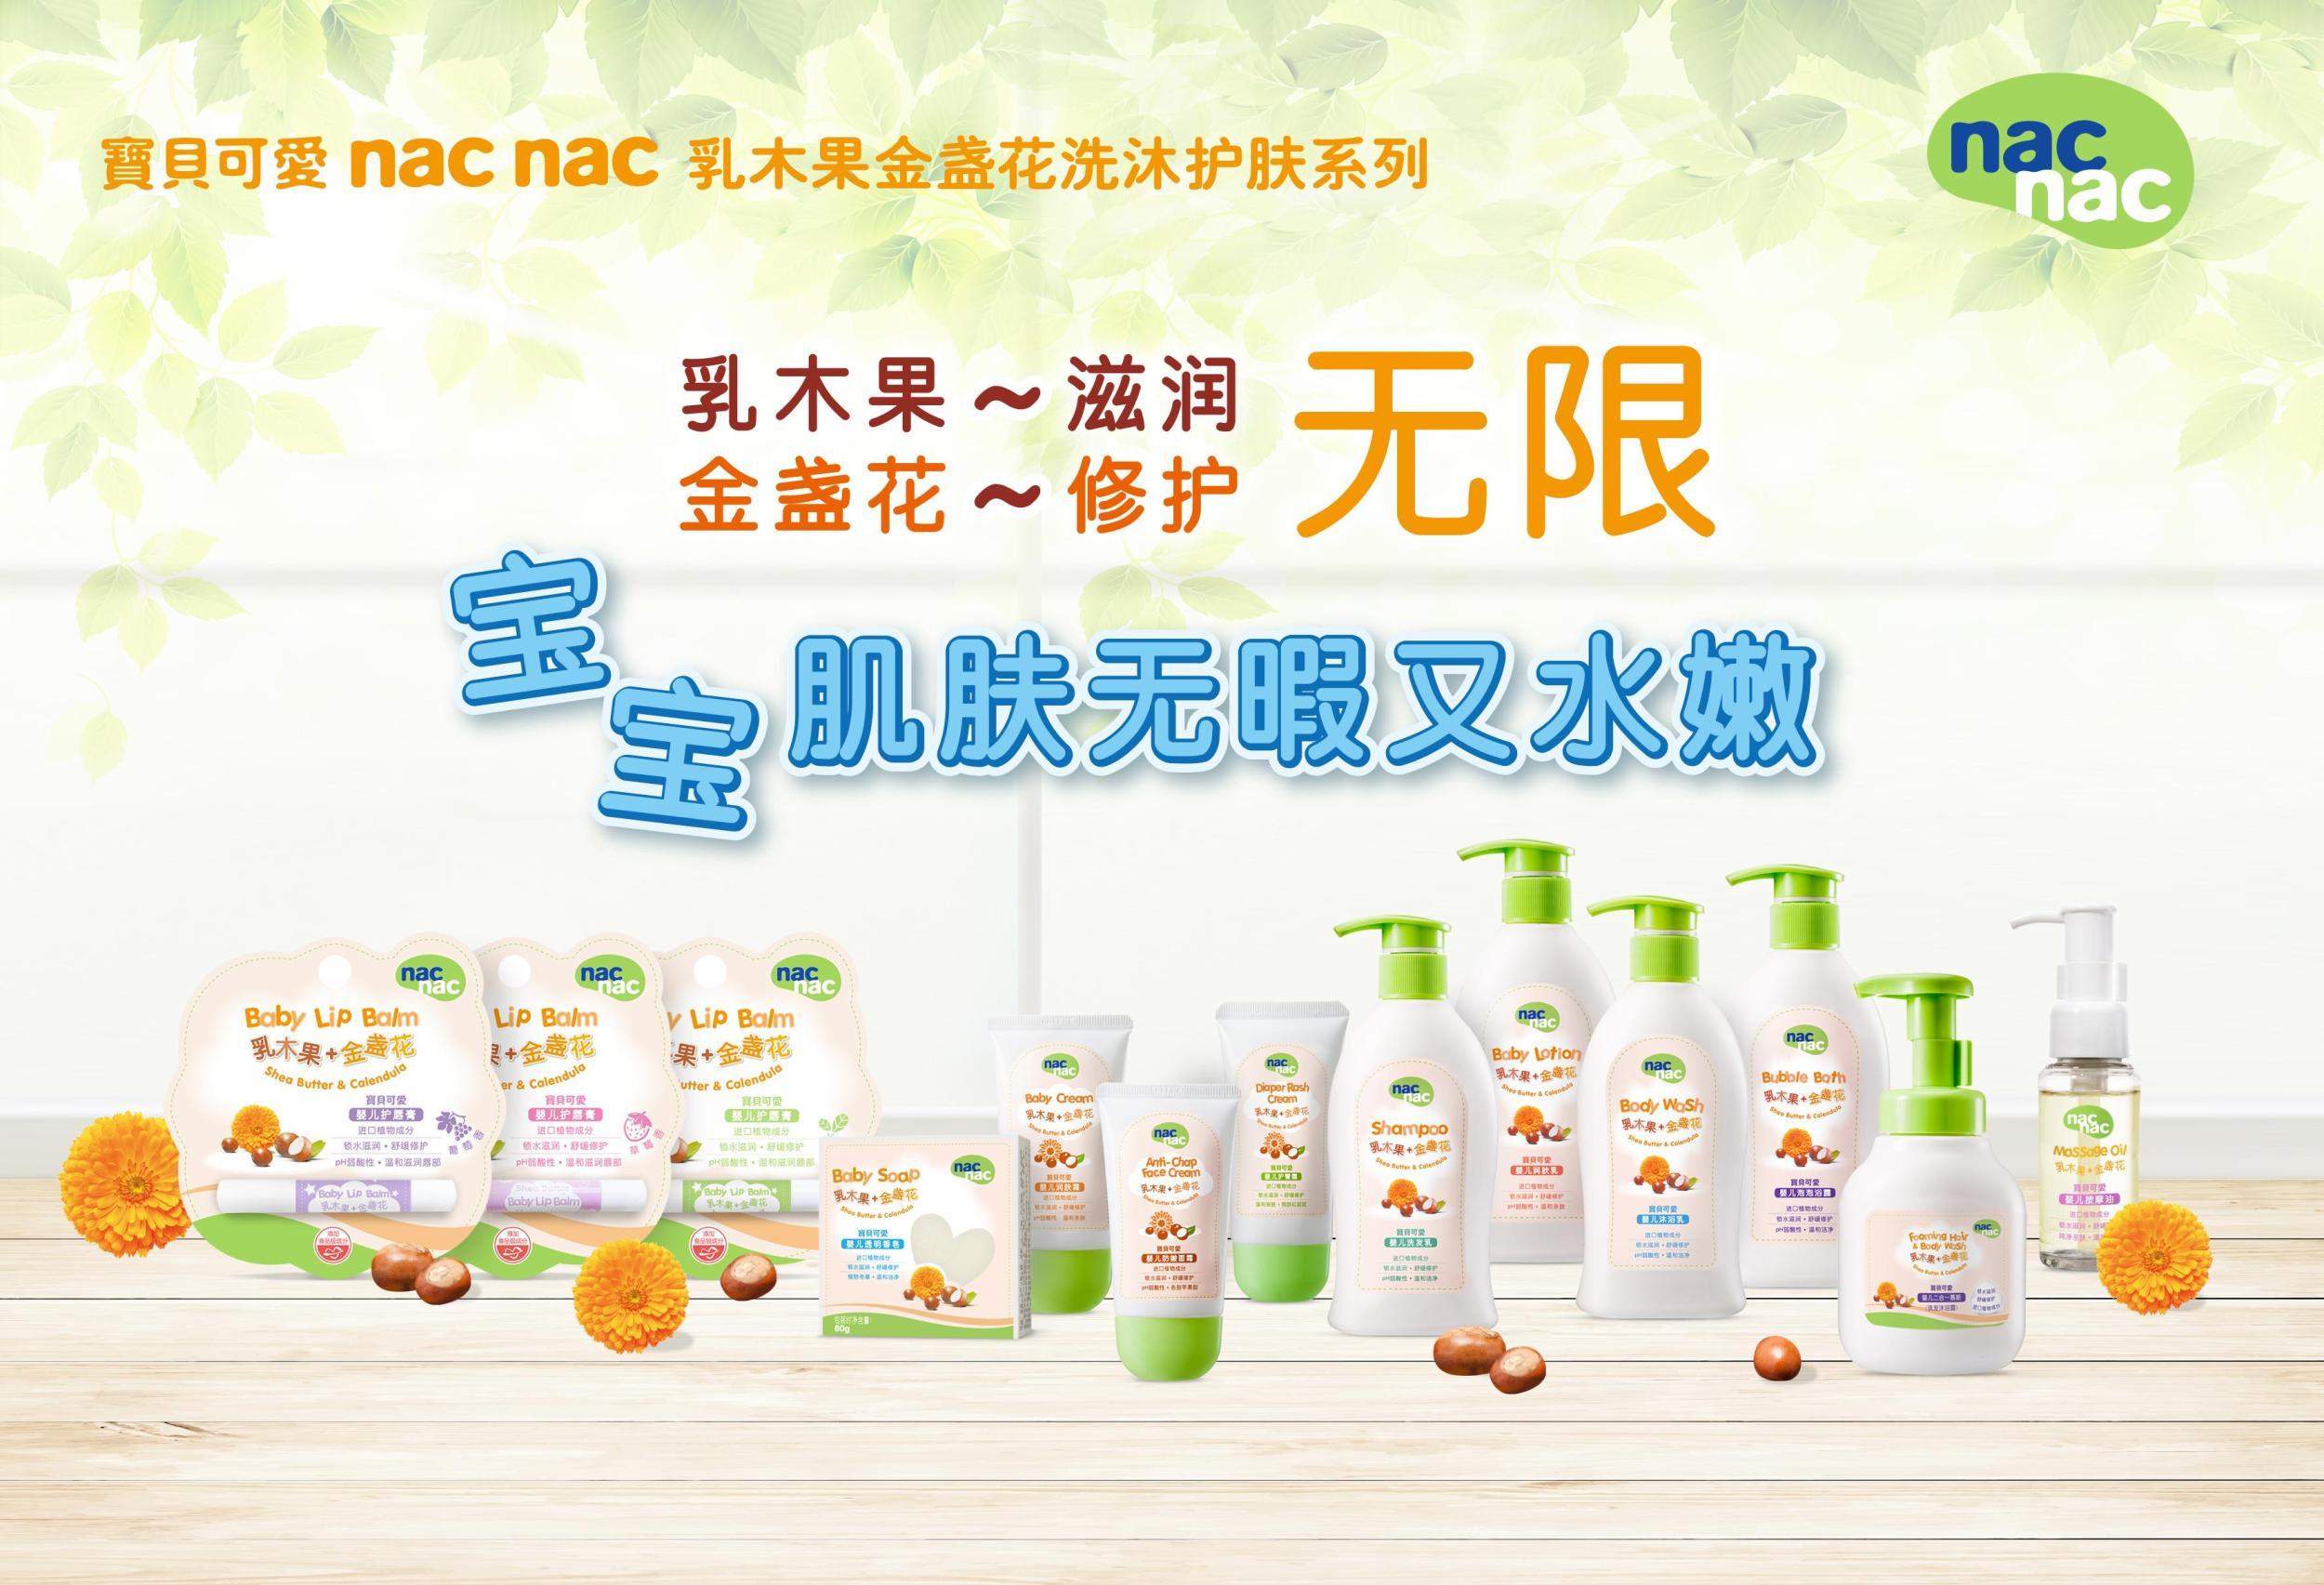 台湾妈妈首选母婴品牌—宝贝可爱nac